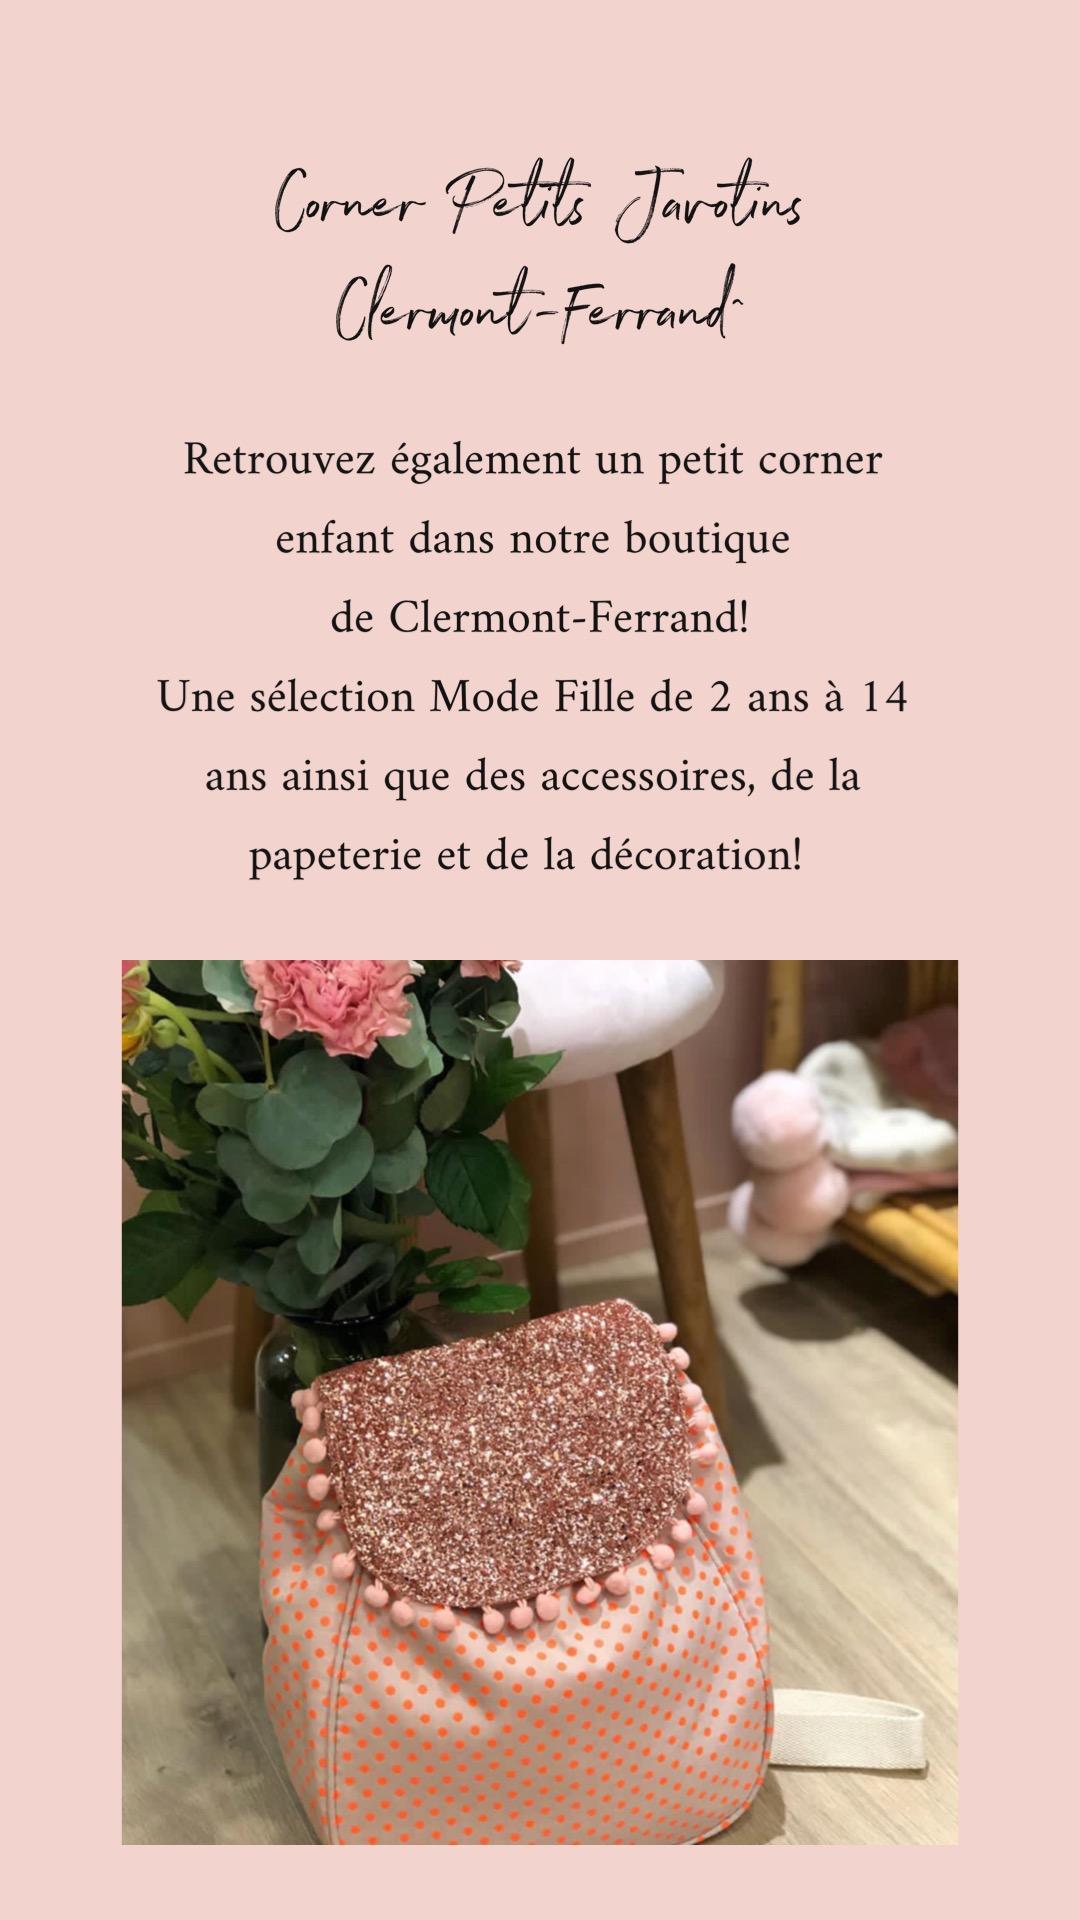 nos_boutiques_javotine_les_petits_javotins_9.jpg